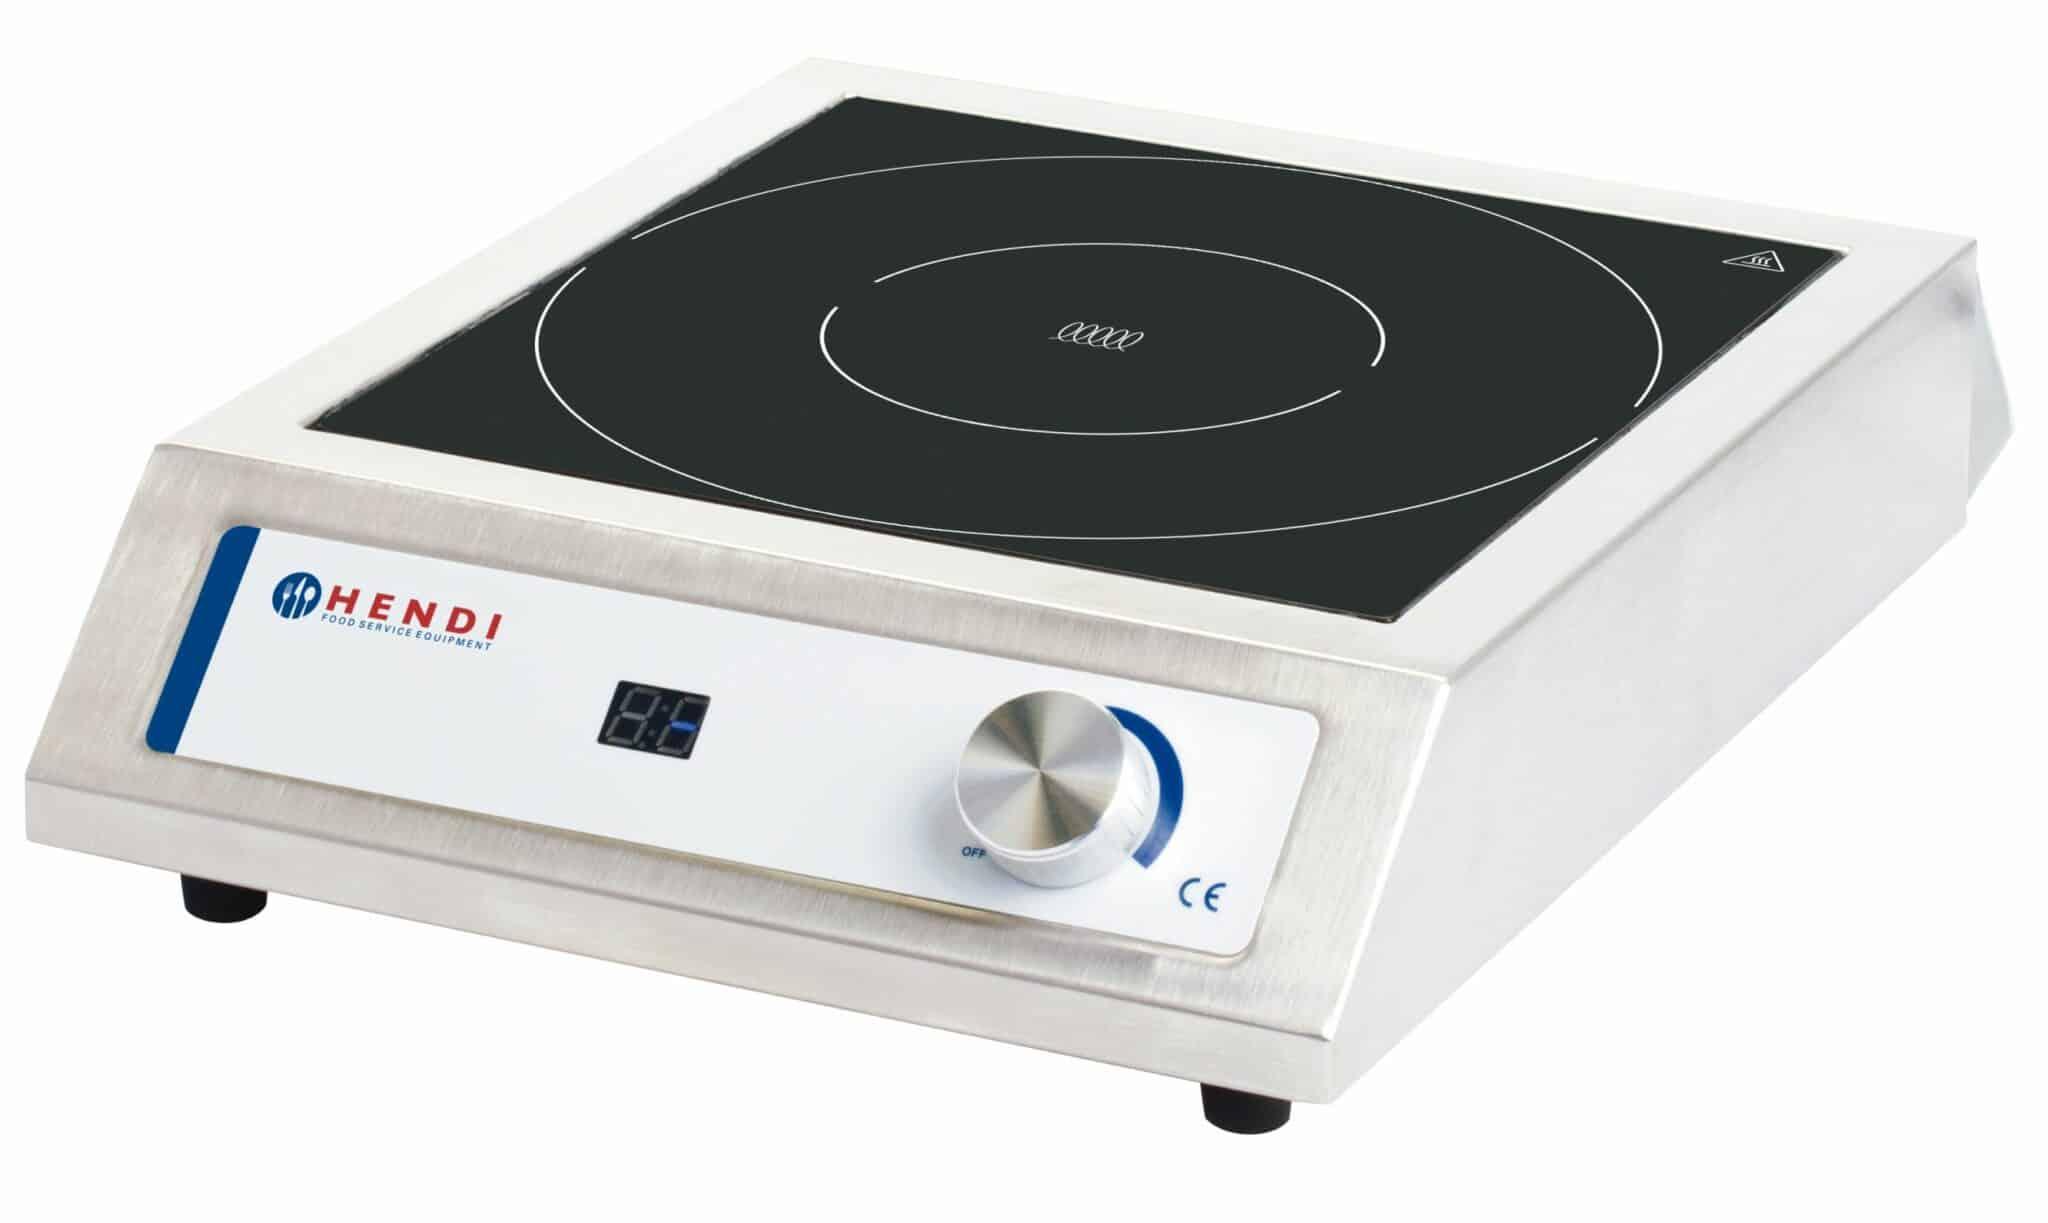 hendi gastro induktionskocher induktionsherd induction cooker manuell neu ebay. Black Bedroom Furniture Sets. Home Design Ideas